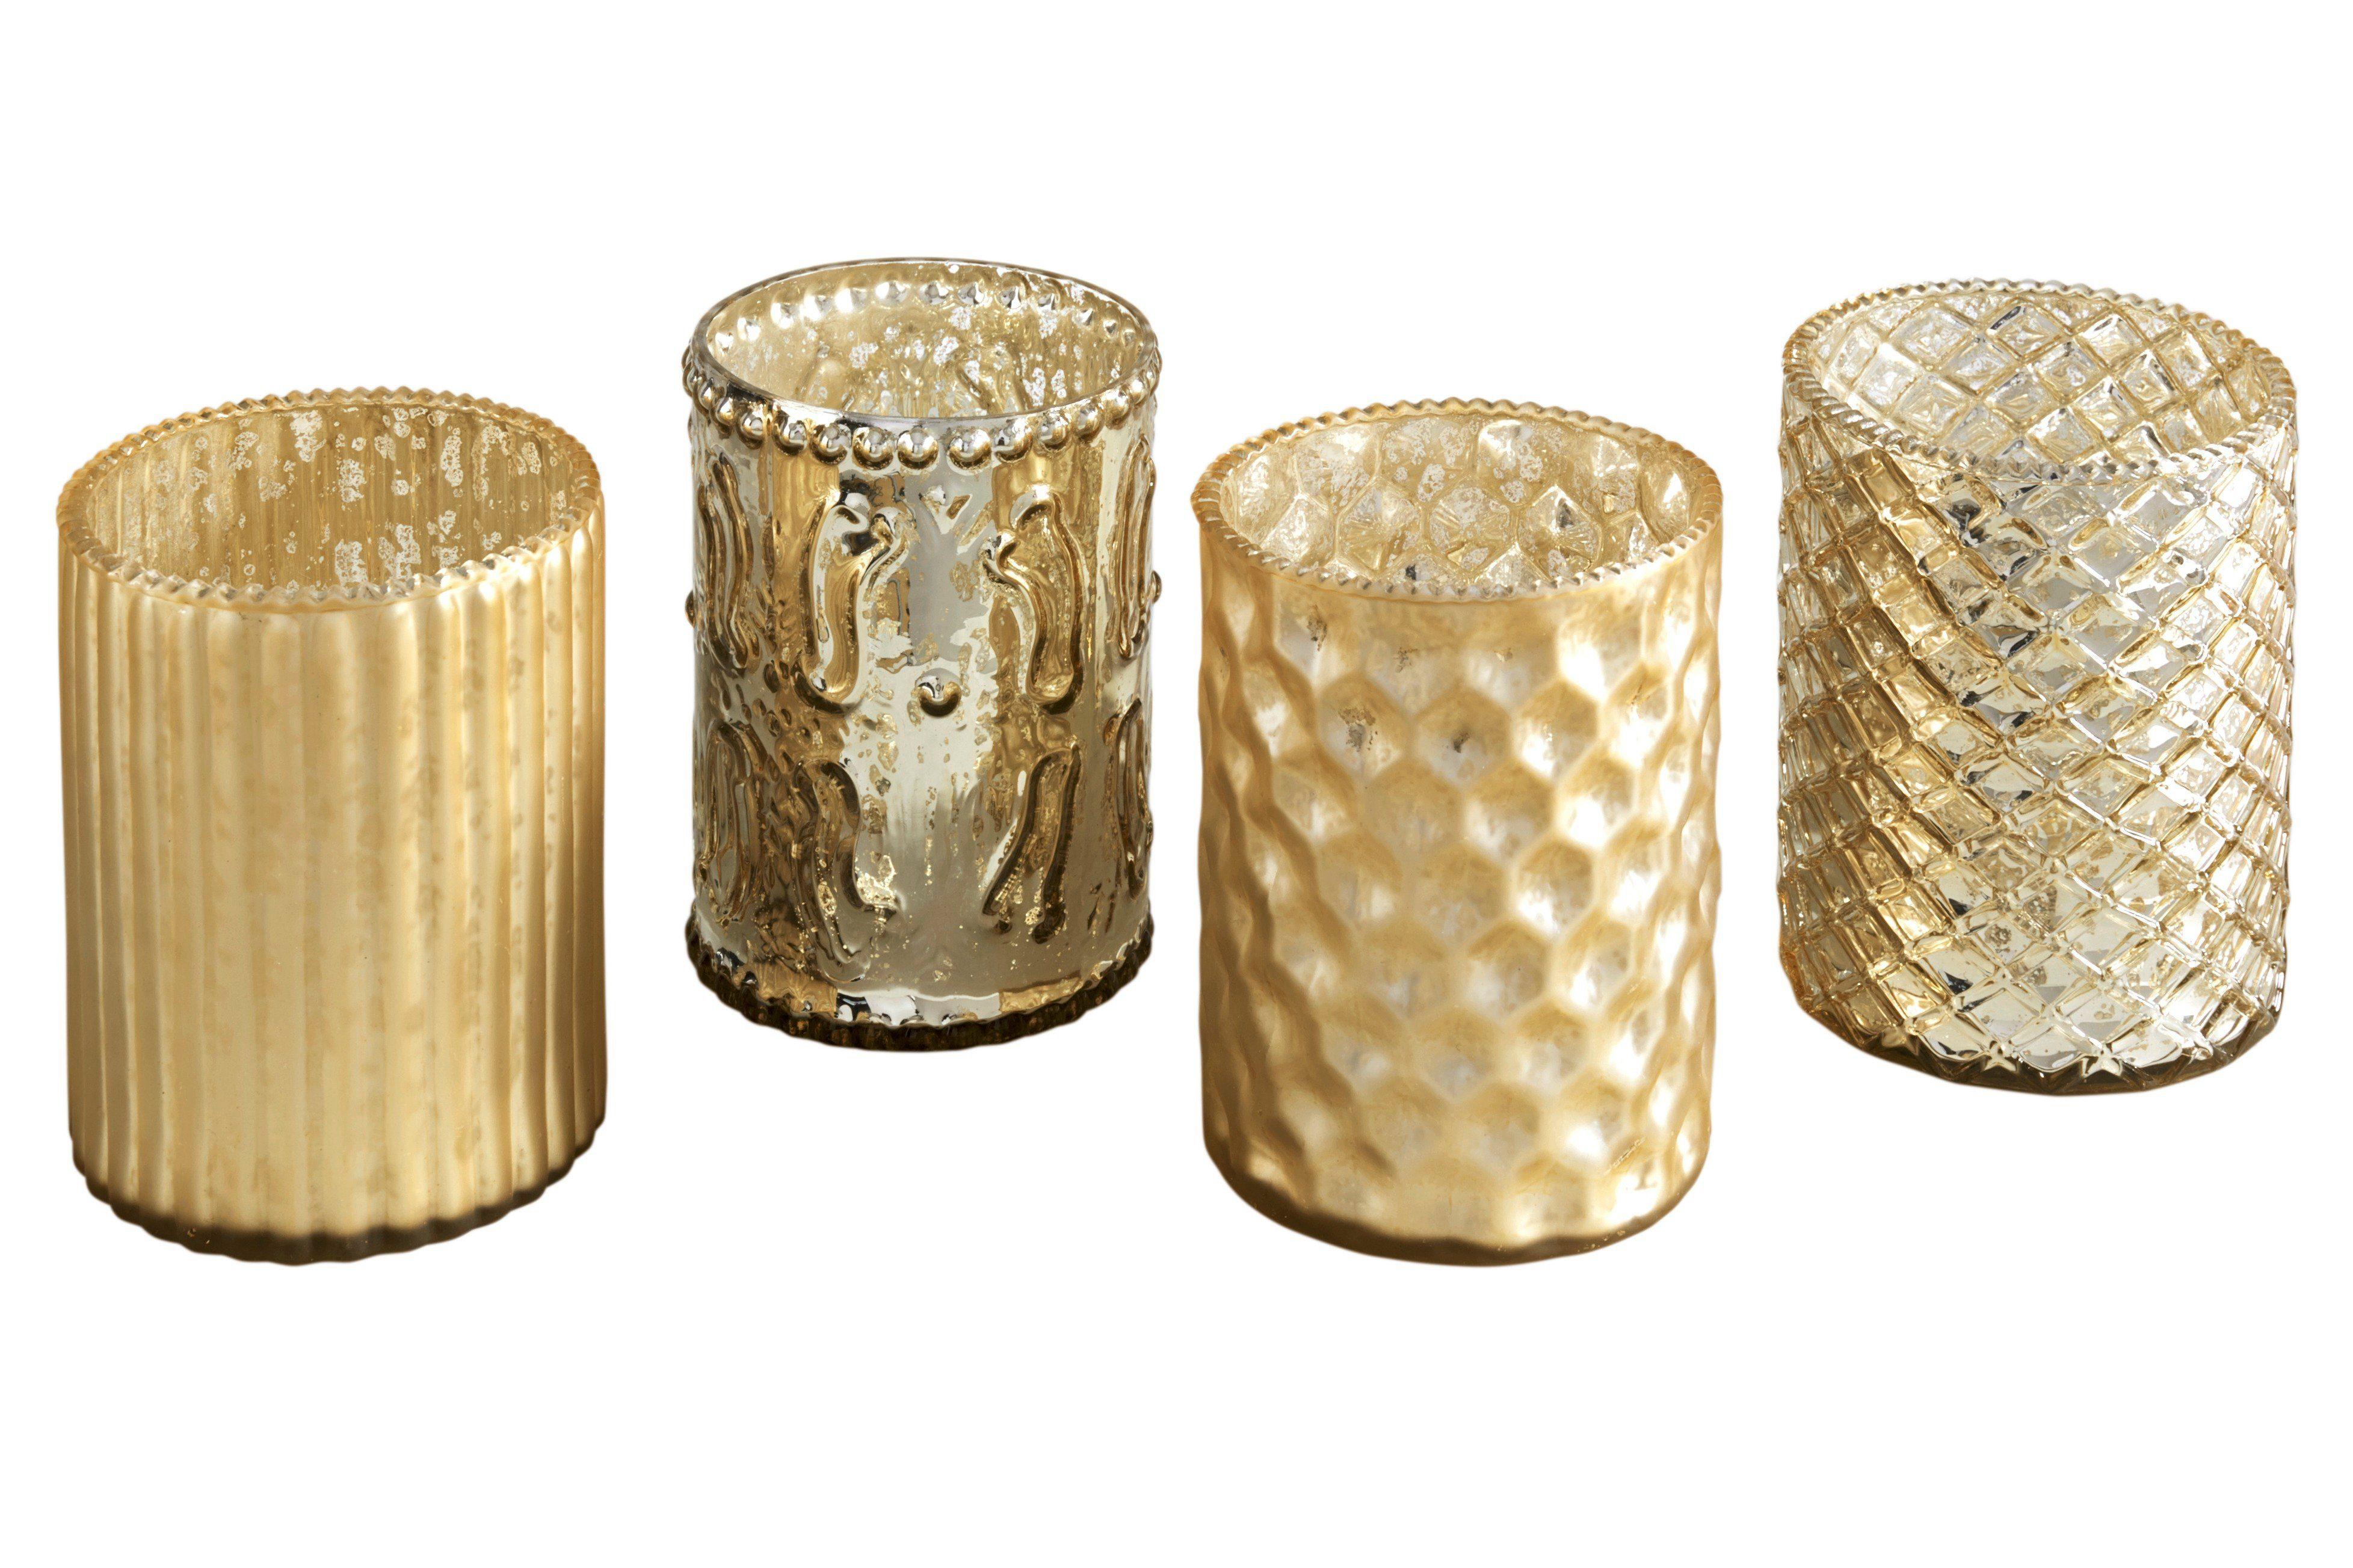 St cke wundersch ne glittery gold quecksilber glas kerzenhalter